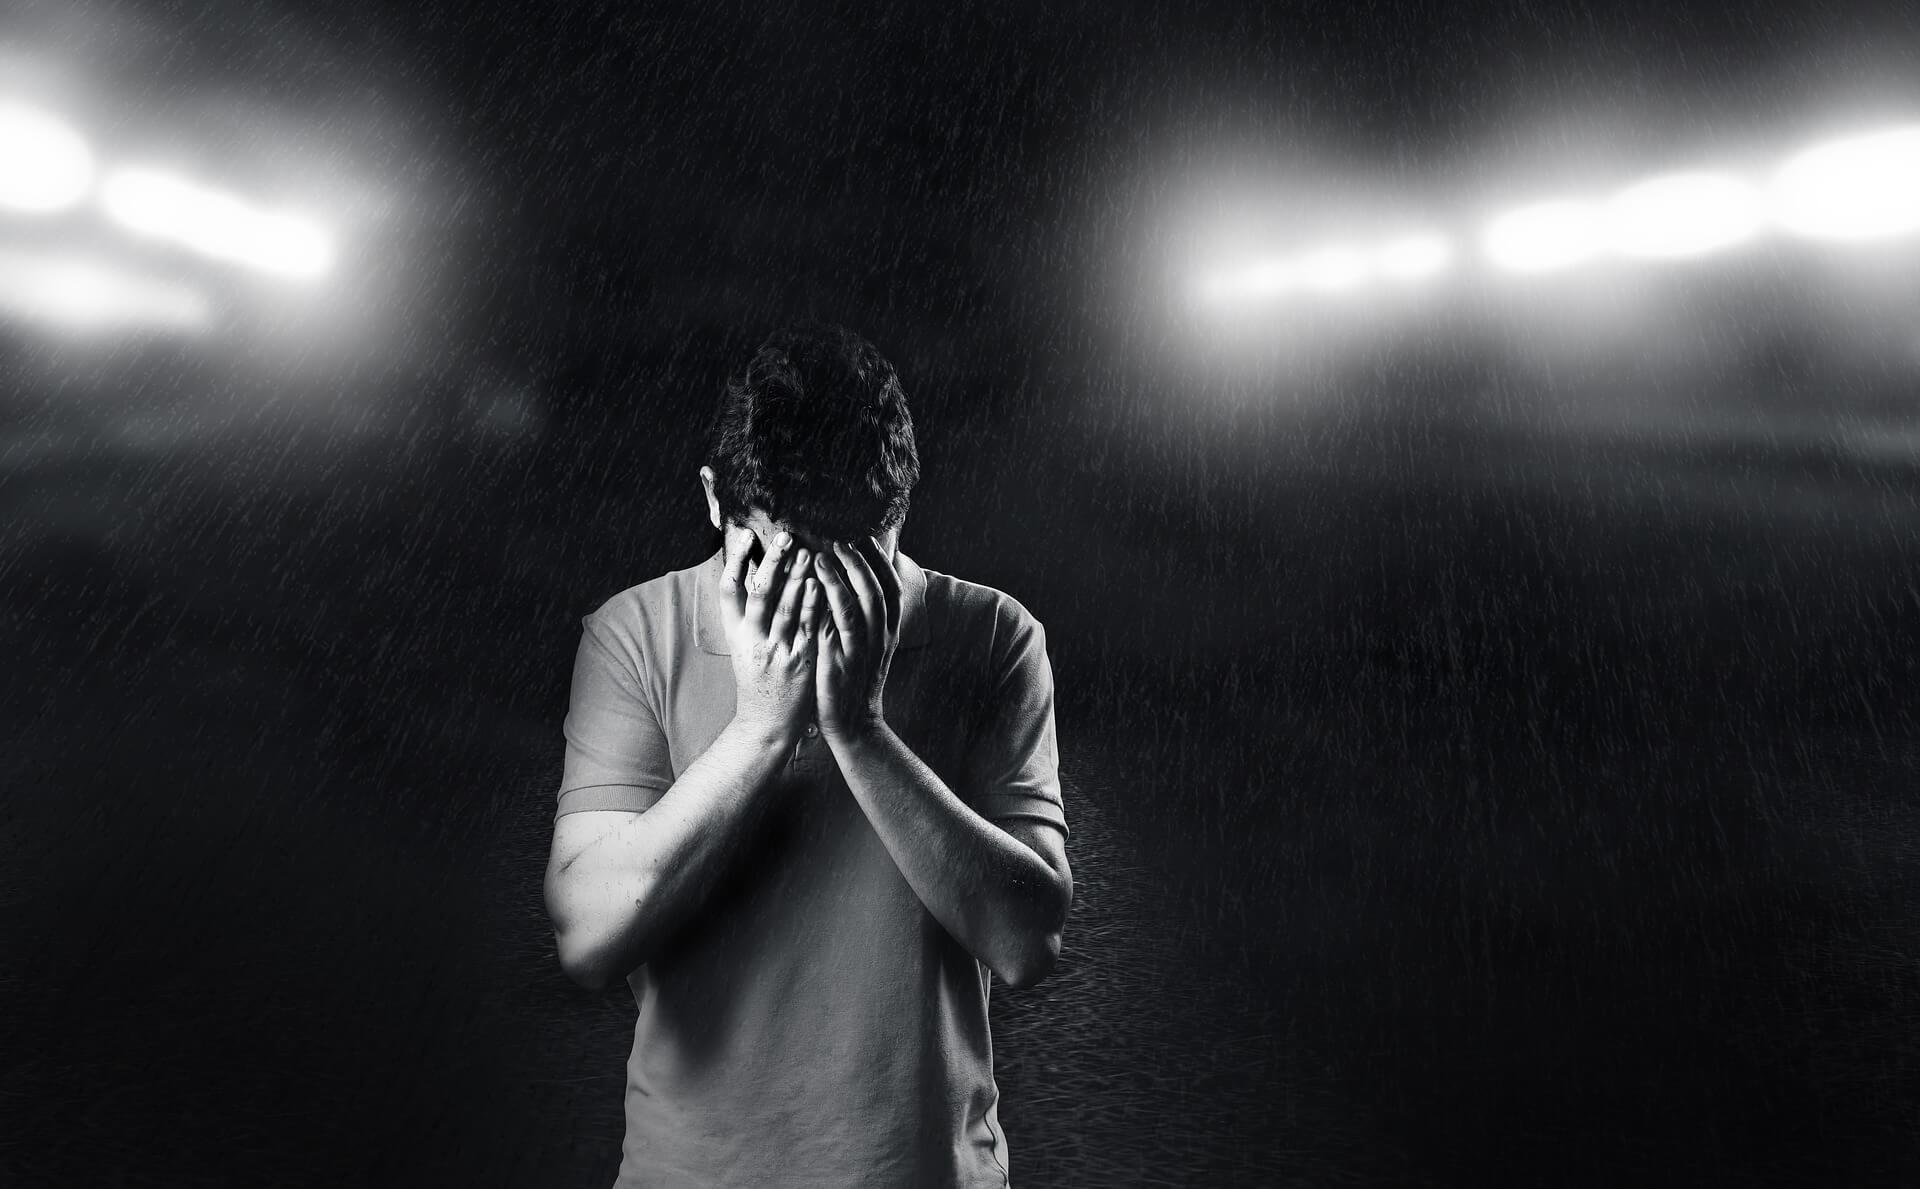 頭を抱えて悩む男性の画像